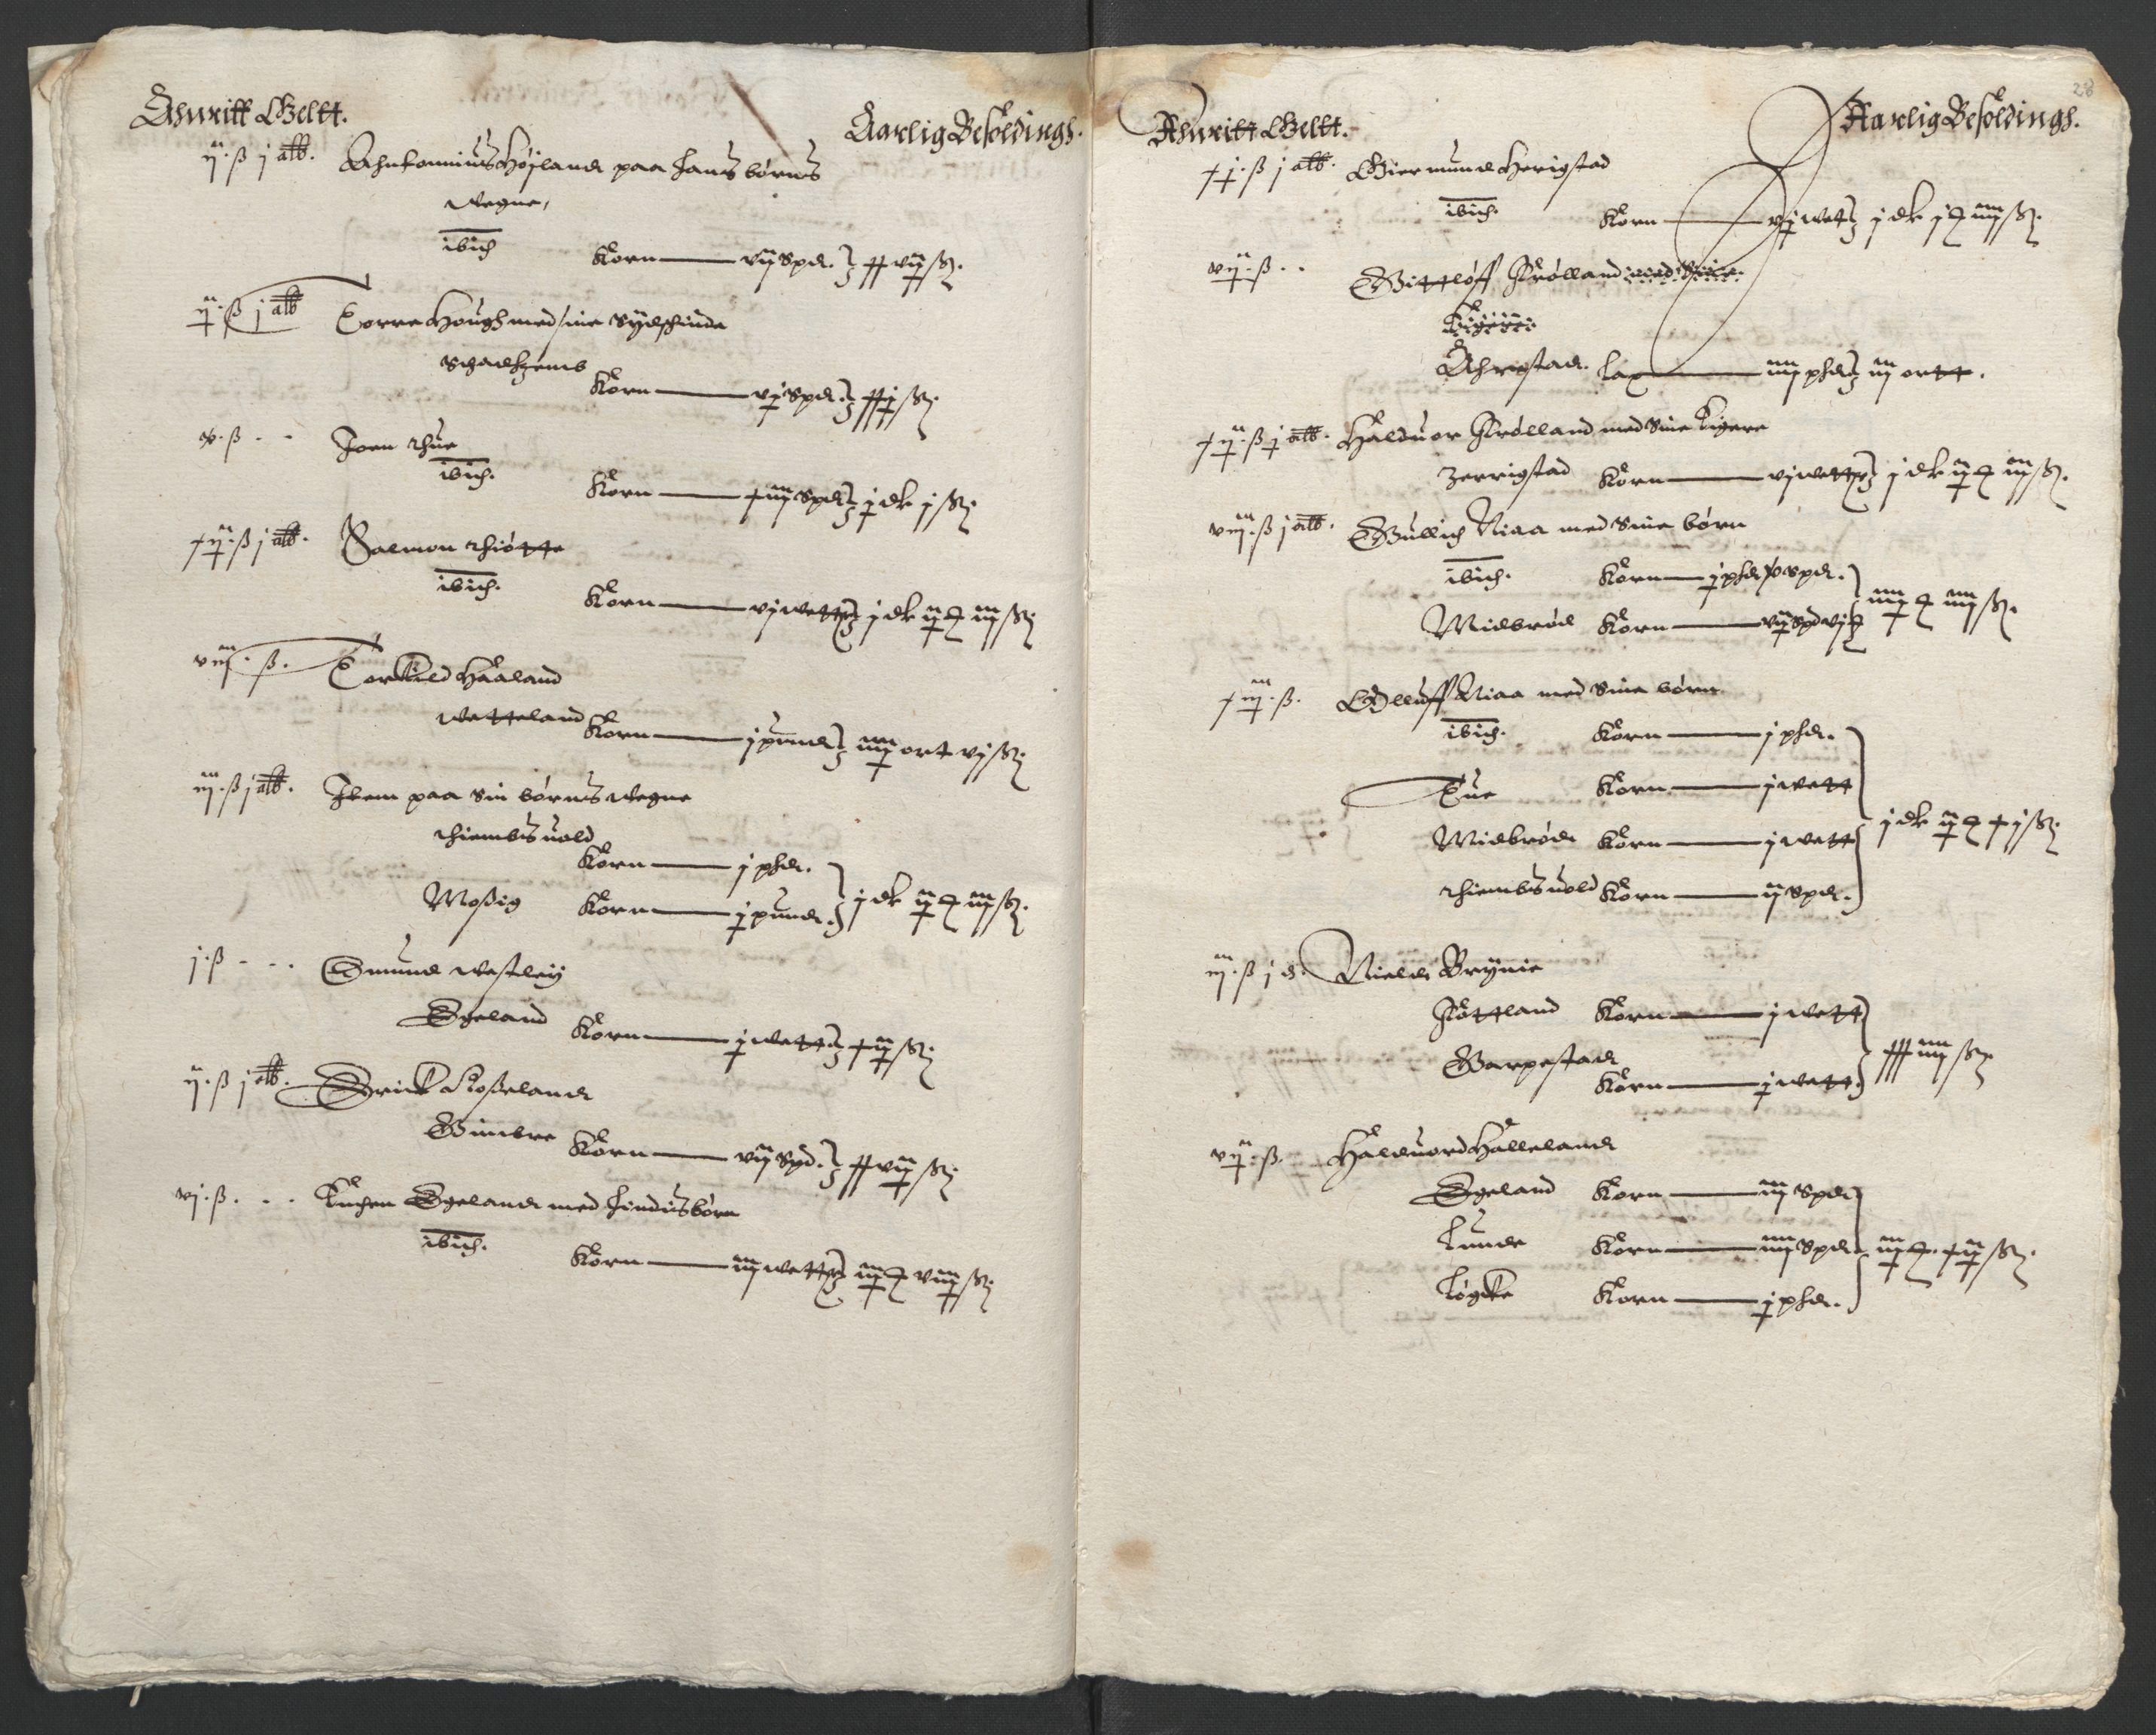 RA, Stattholderembetet 1572-1771, Ek/L0010: Jordebøker til utlikning av rosstjeneste 1624-1626:, 1624-1626, s. 122